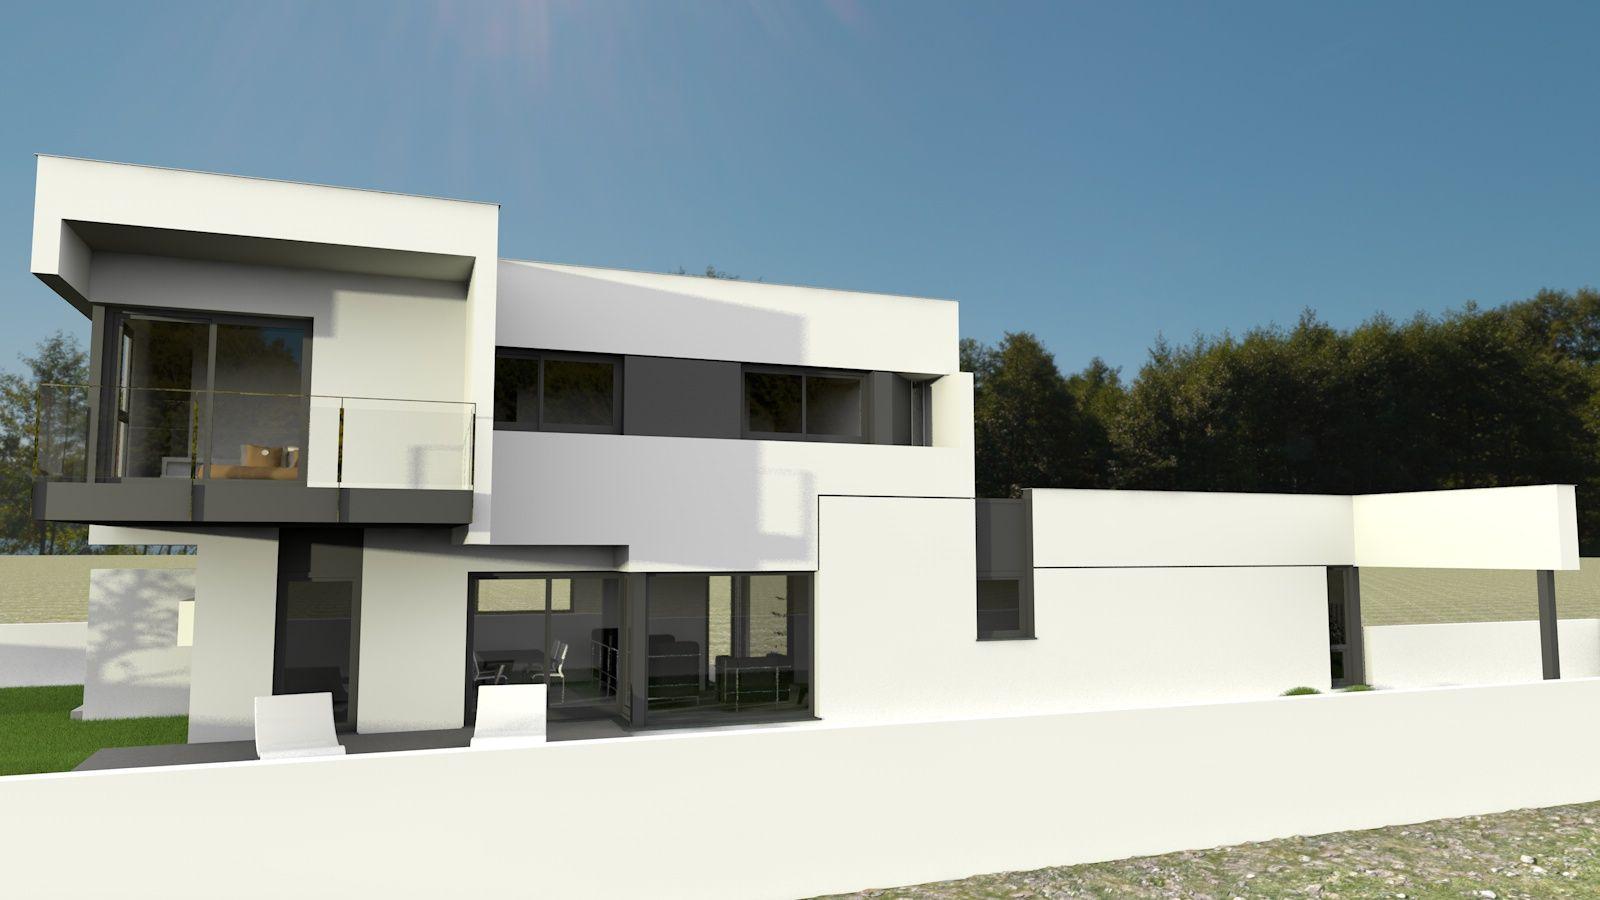 Proyecto casa acero modular prefabricada casa quart tekdom - Casa modular acero ...